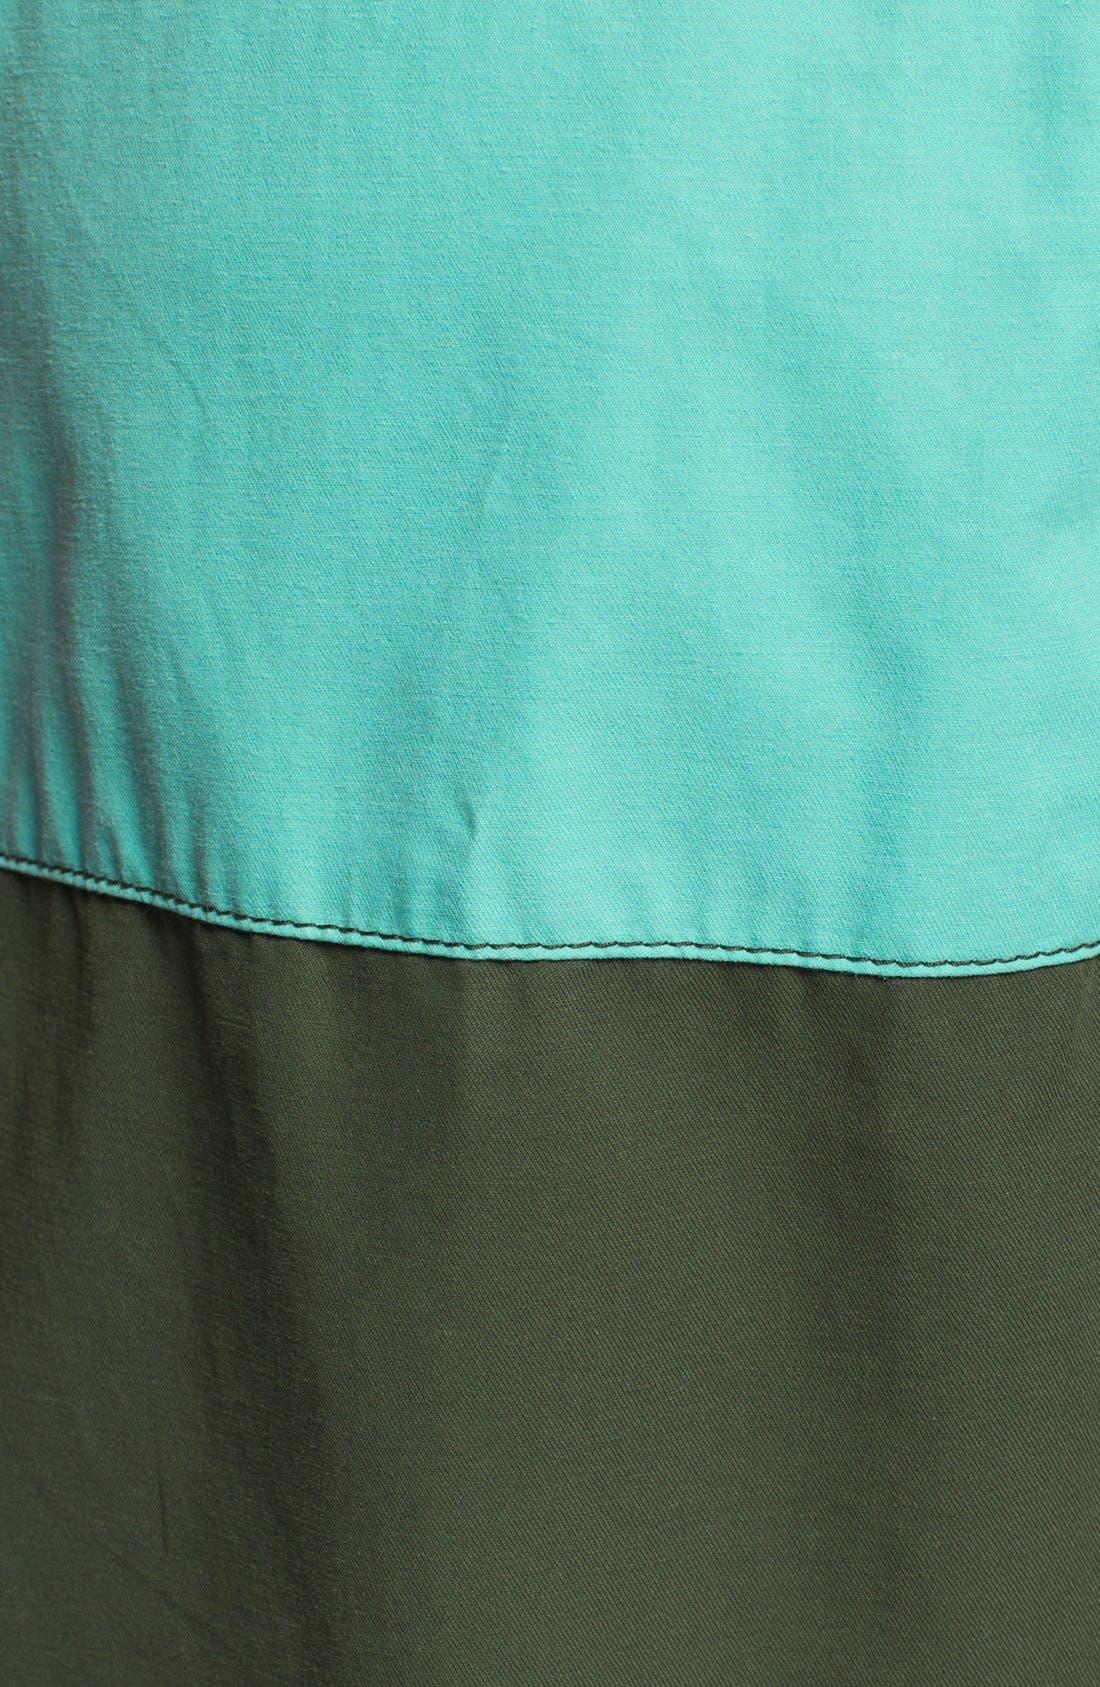 Alternate Image 3  - Lightning Bolt 'Surfari' Board Shorts